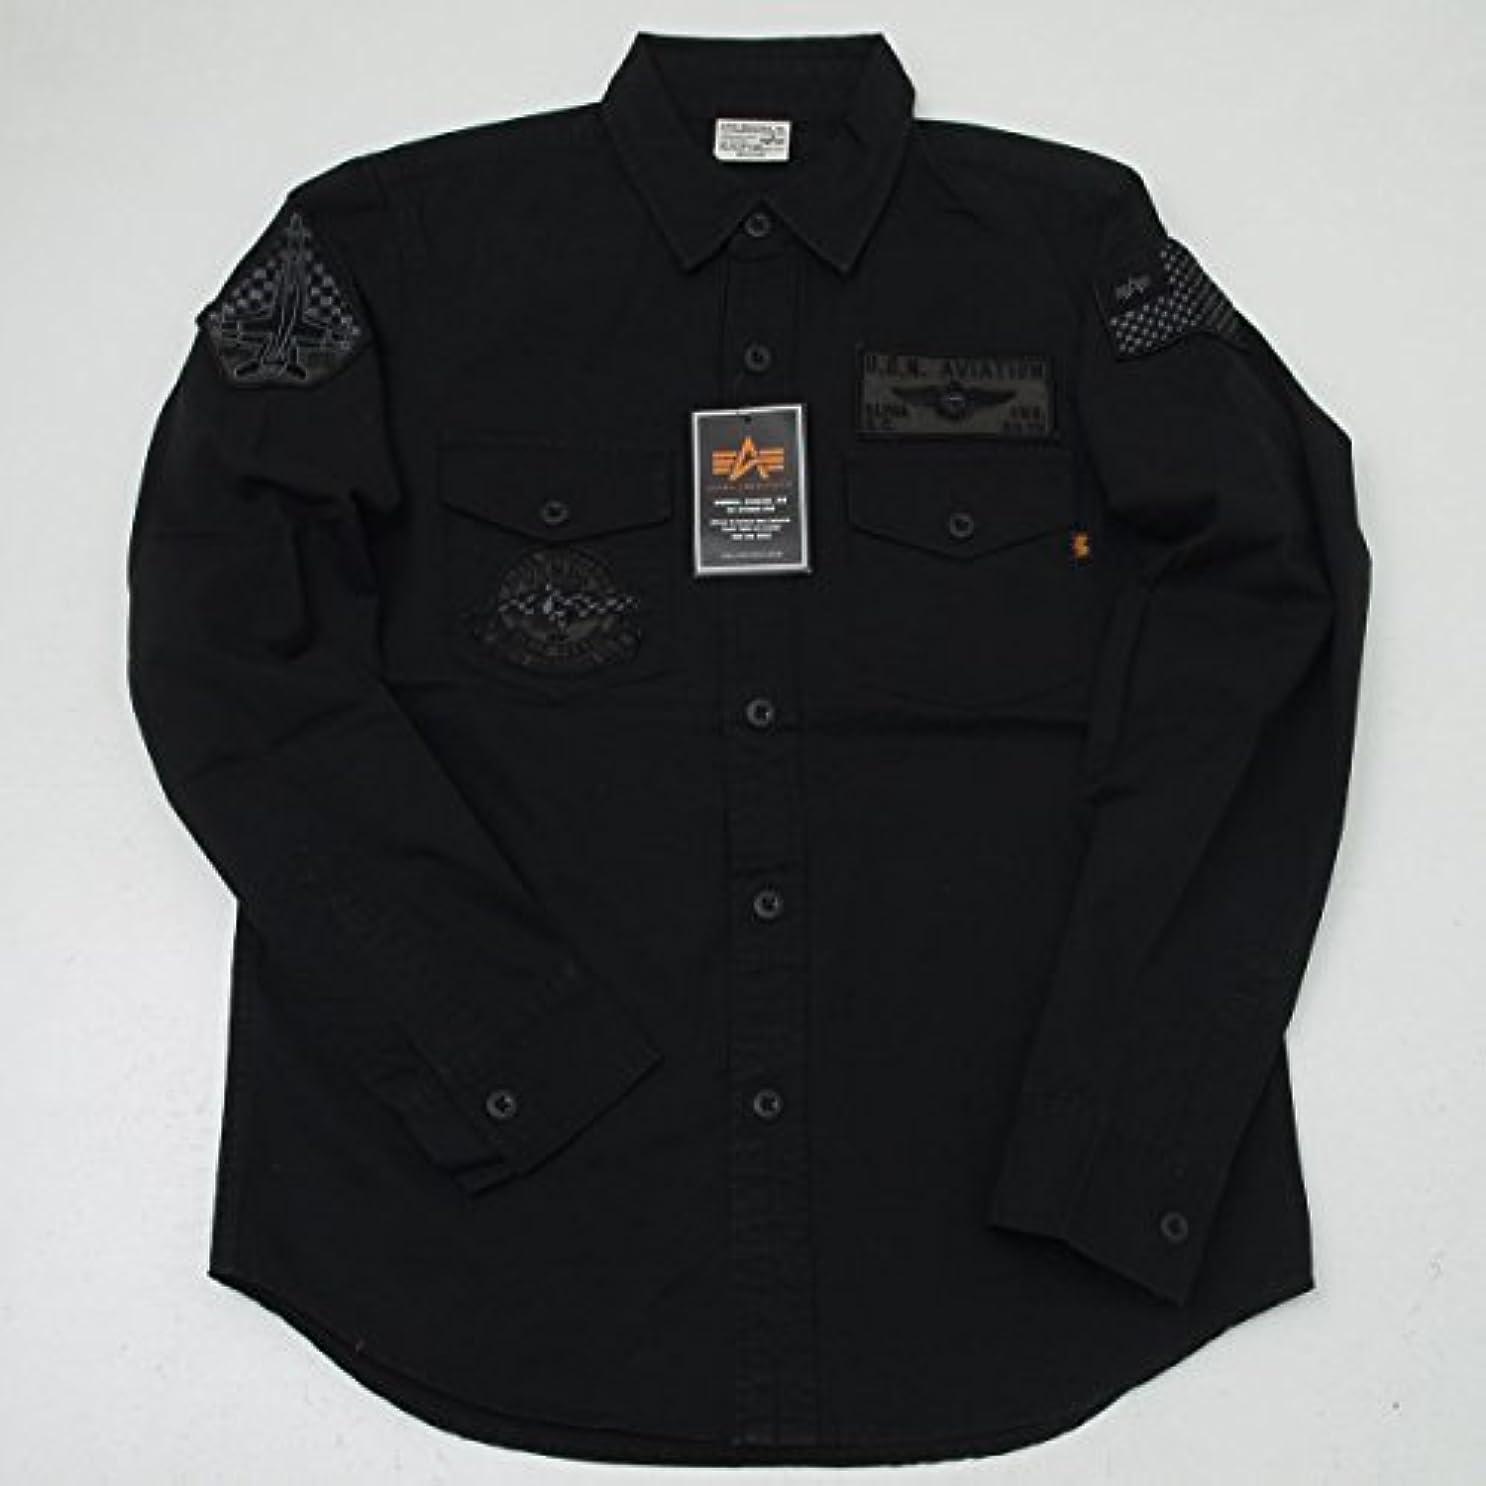 または別のまだらALPHA アルファ TS5041 UNI.PATCH ワッペン 長袖シャツ ブラック アーミーグリーン (M, 001 ブラック)